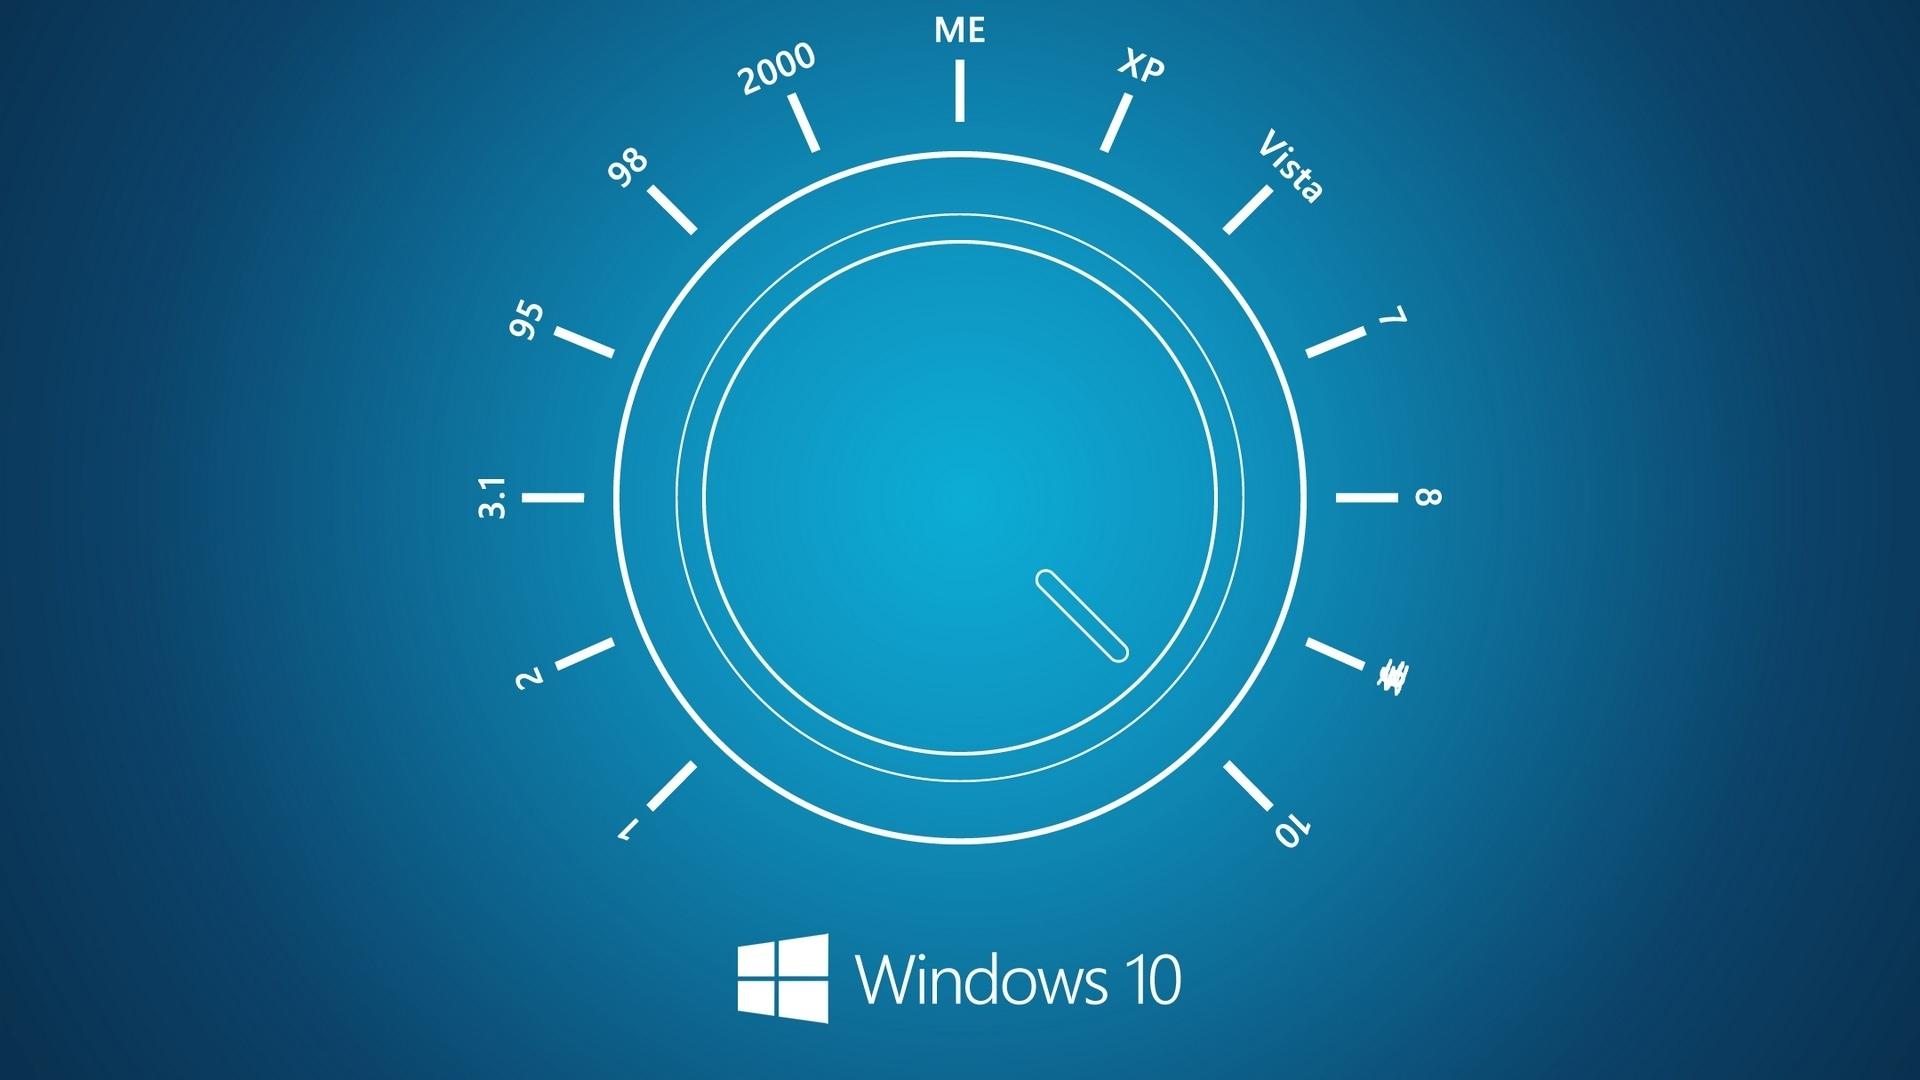 Скачать обои часы на рабочий стол для windows 8